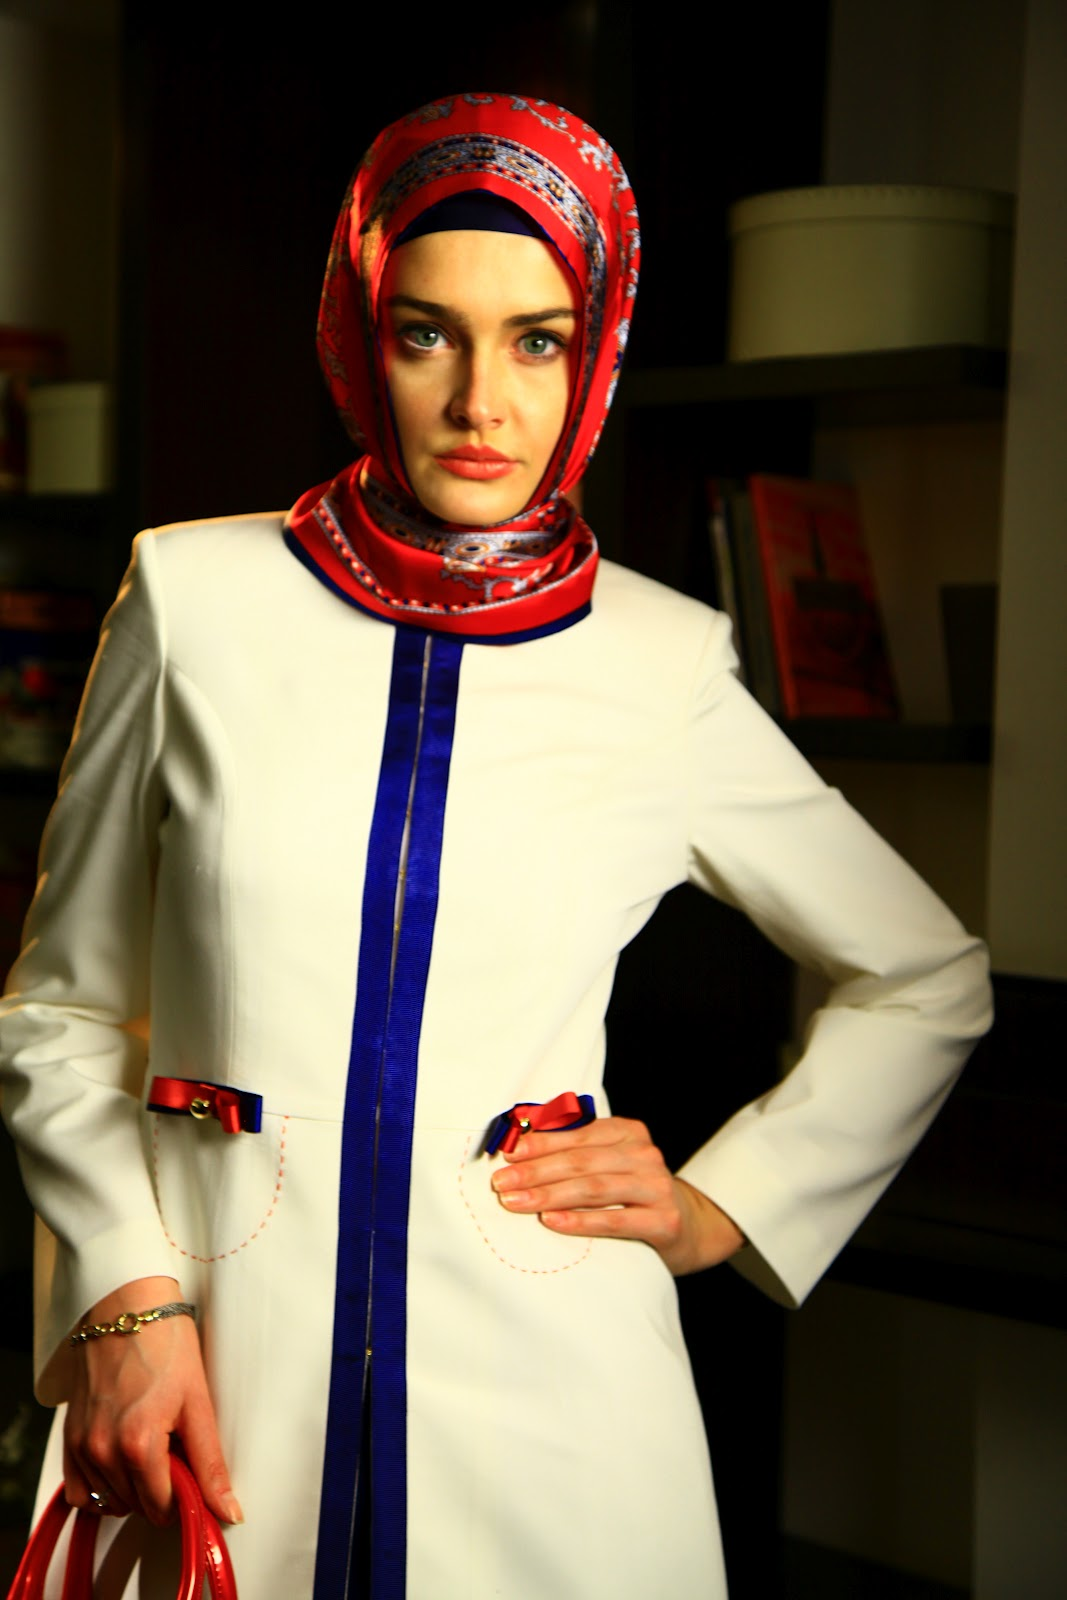 مدلهای جدید مانتو و روسری 2013| wWw.CampFa.ir